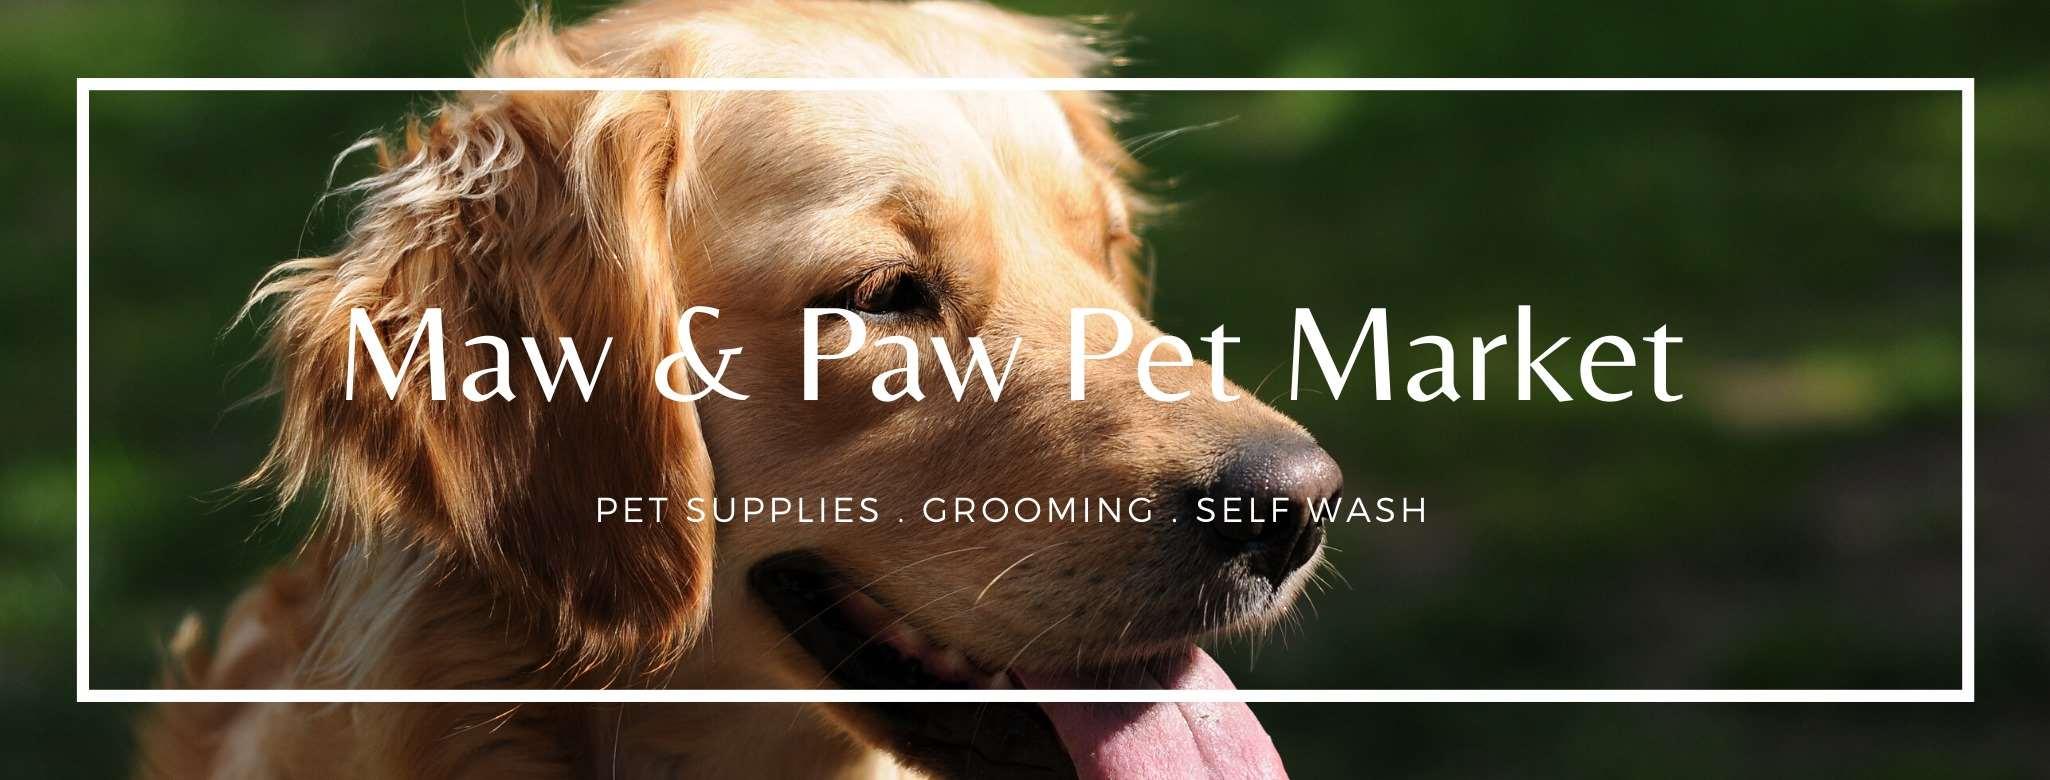 Maw & Paw Pet Market